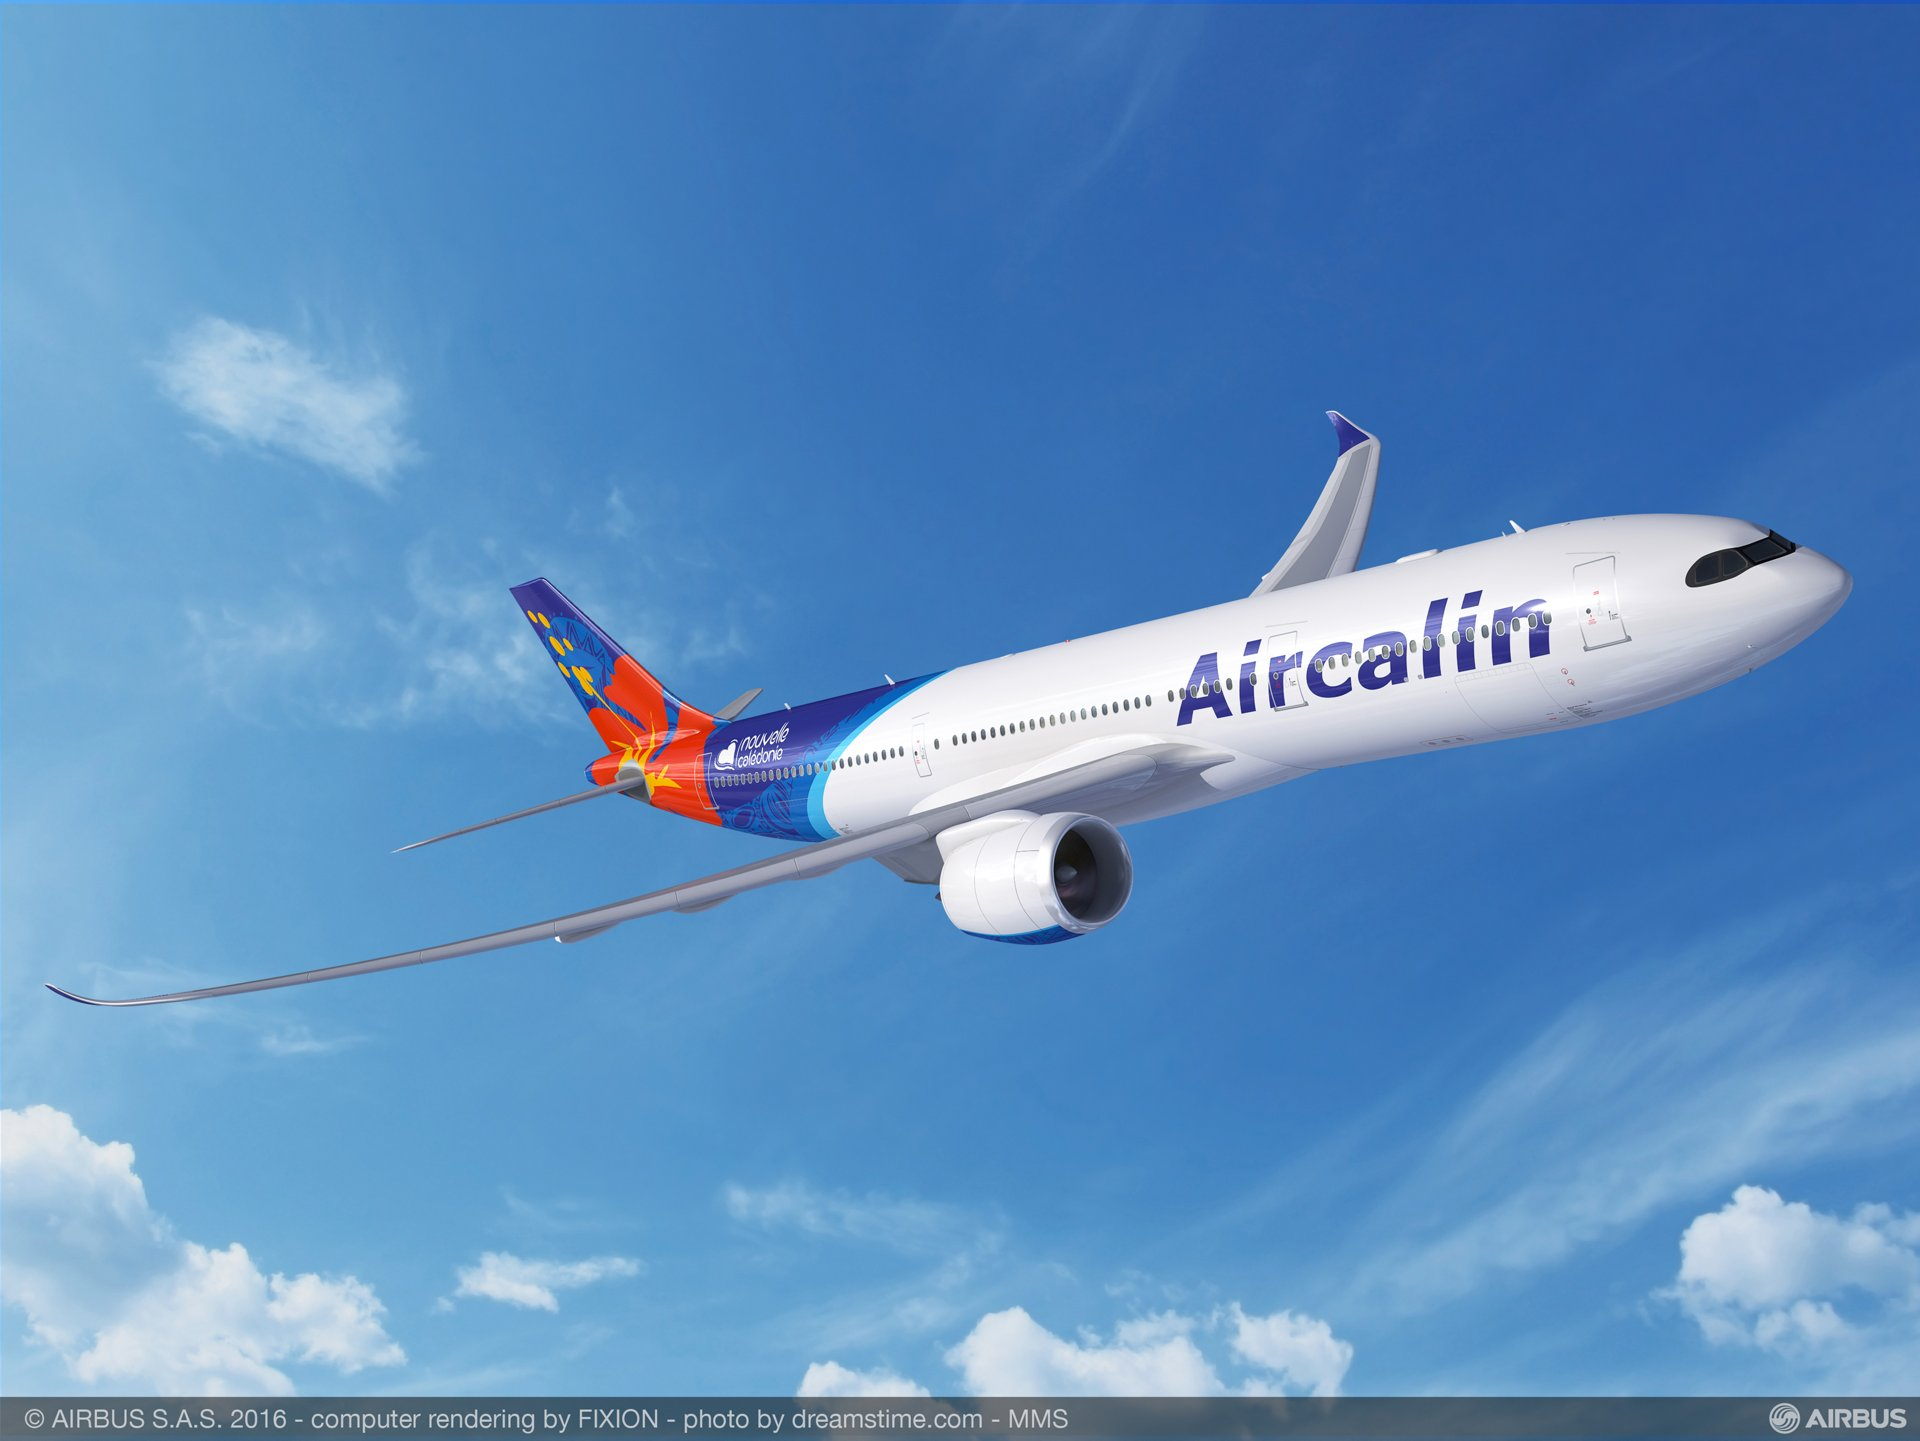 A330-900 Aircalin